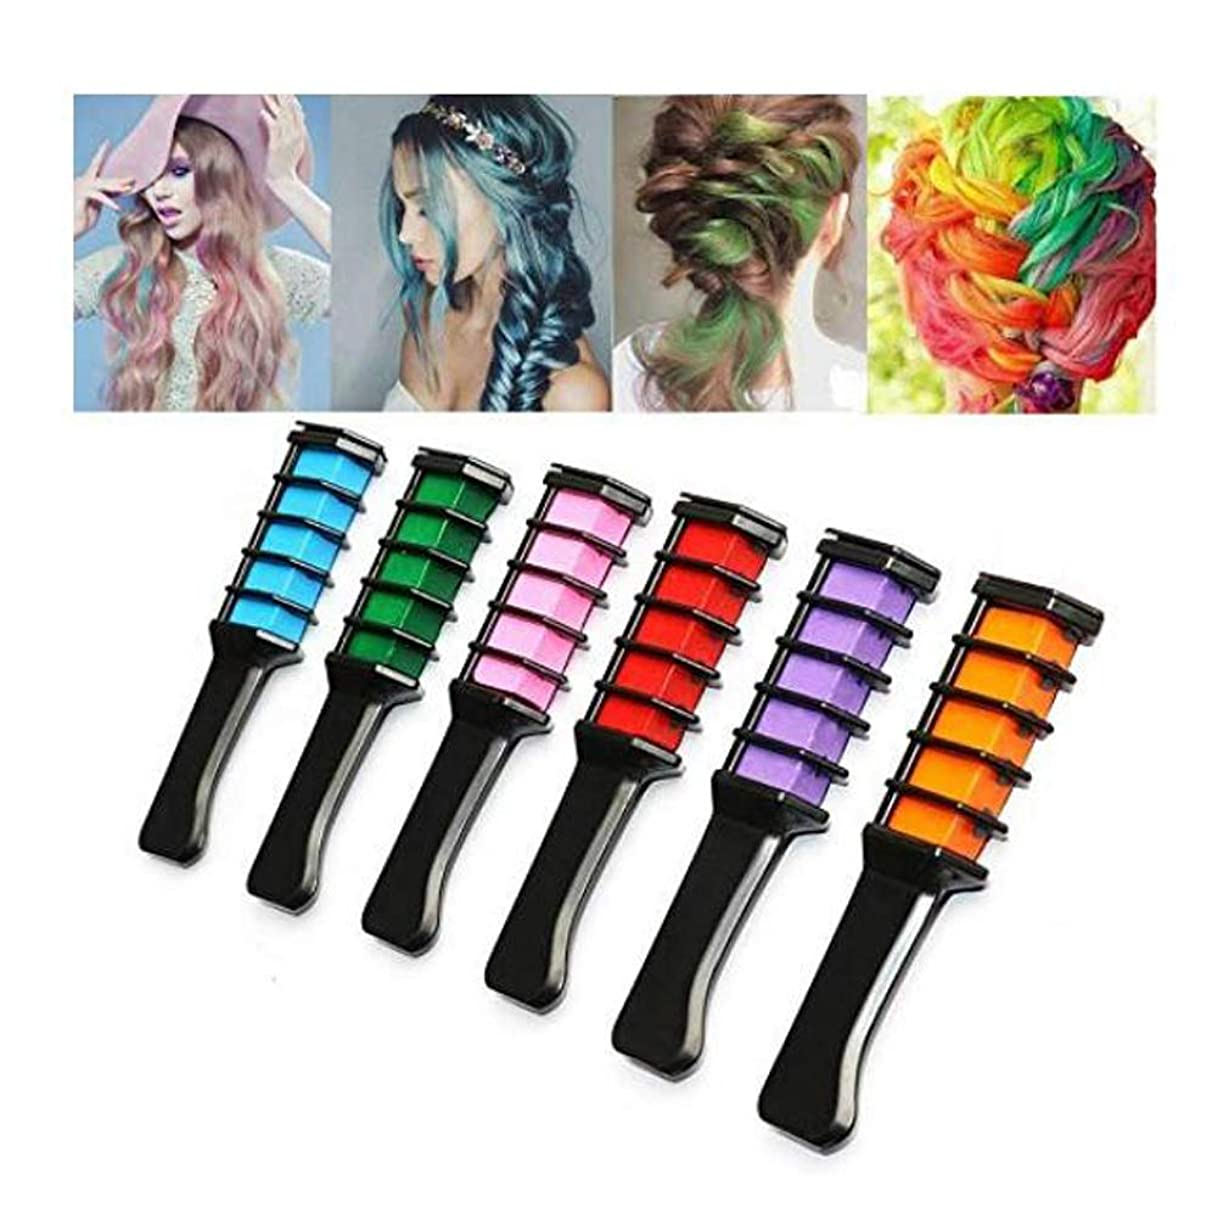 東ティモールひらめき制限する6色のヘアチョークコーム一時的なヘアカラークリームはすべての髪の色で動作しますDIYパーティーコスプレハロウィン